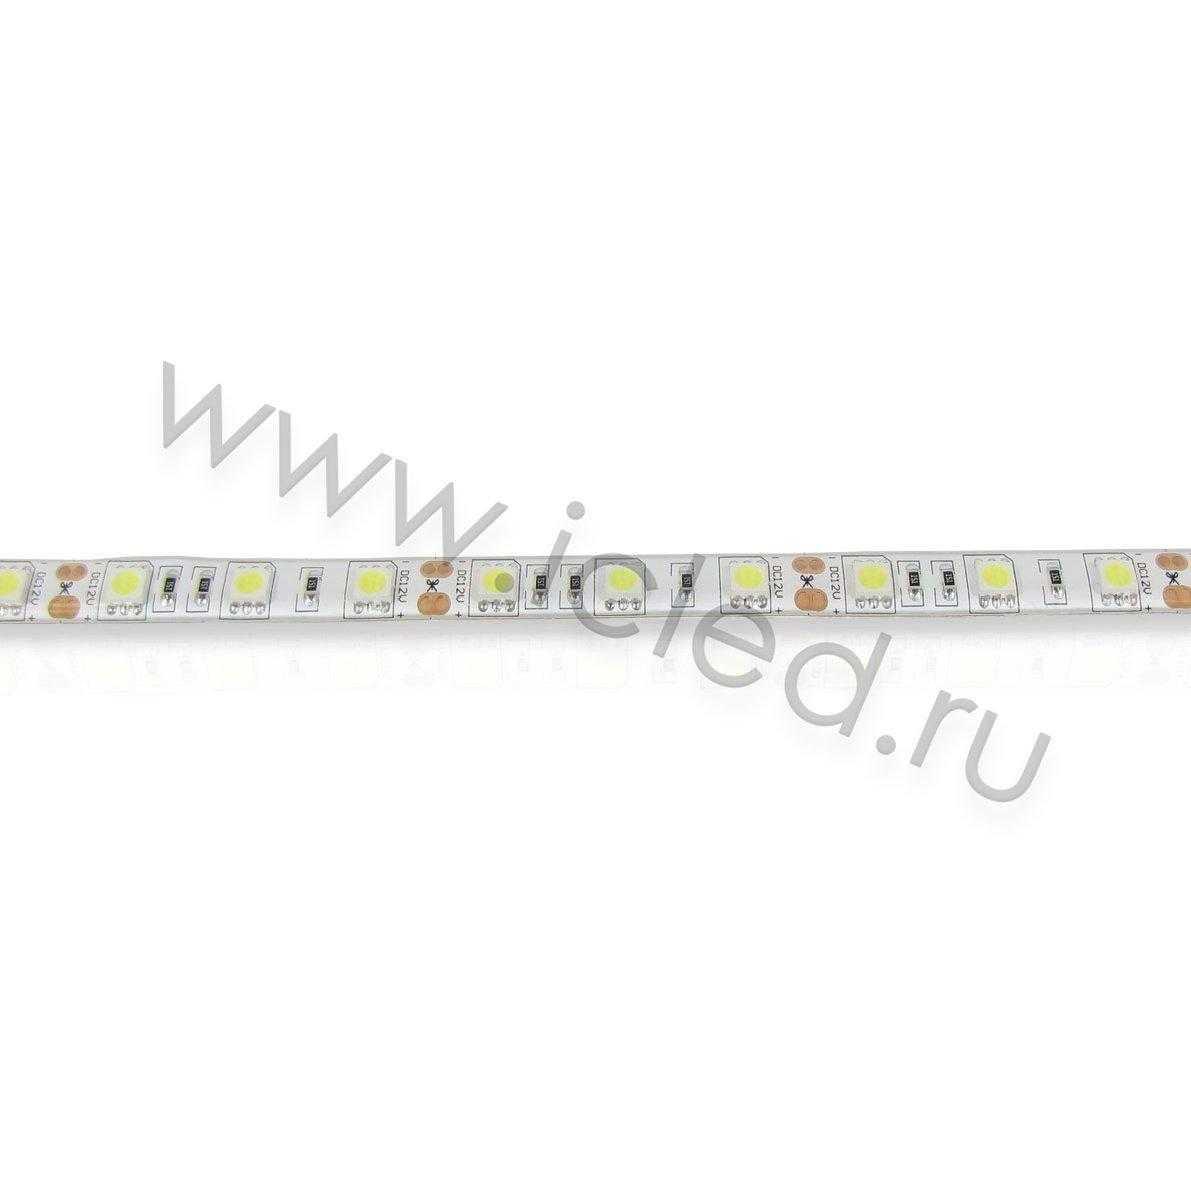 Светодиодная лента Econom class, 5050, 60led/m, White, 12V, IP65